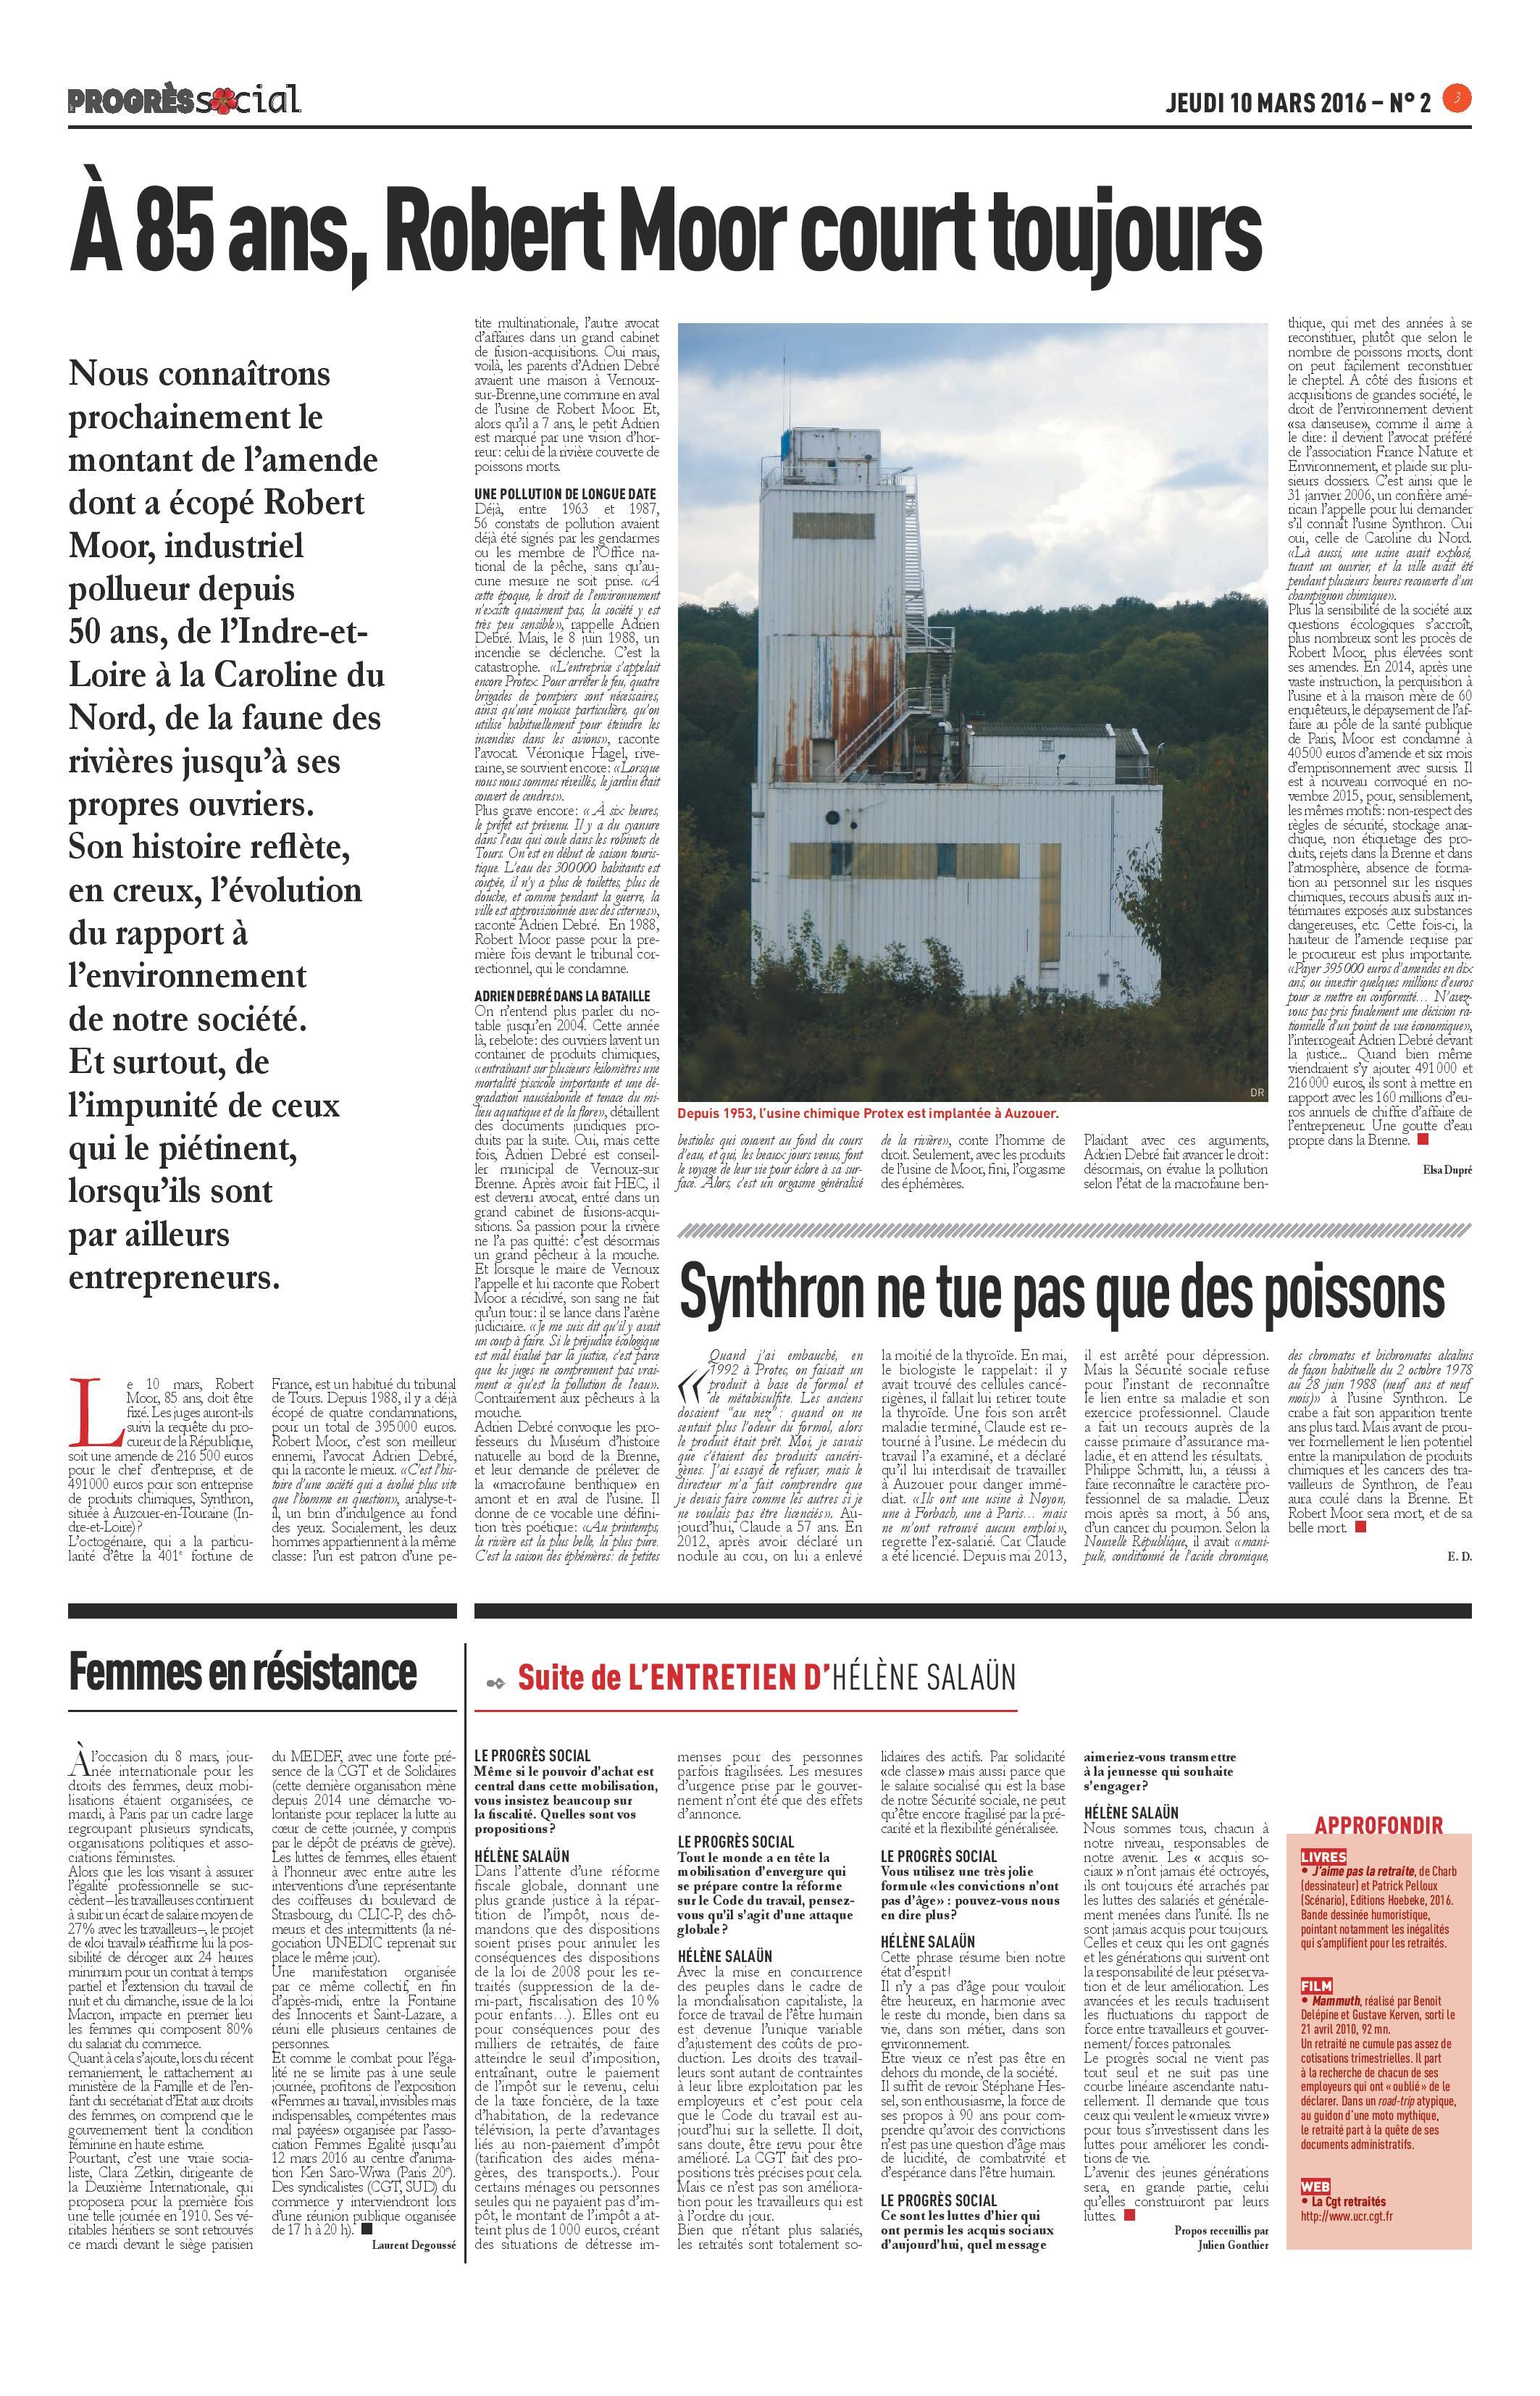 Le Progres social 2 - 10032016-3-3-page-001